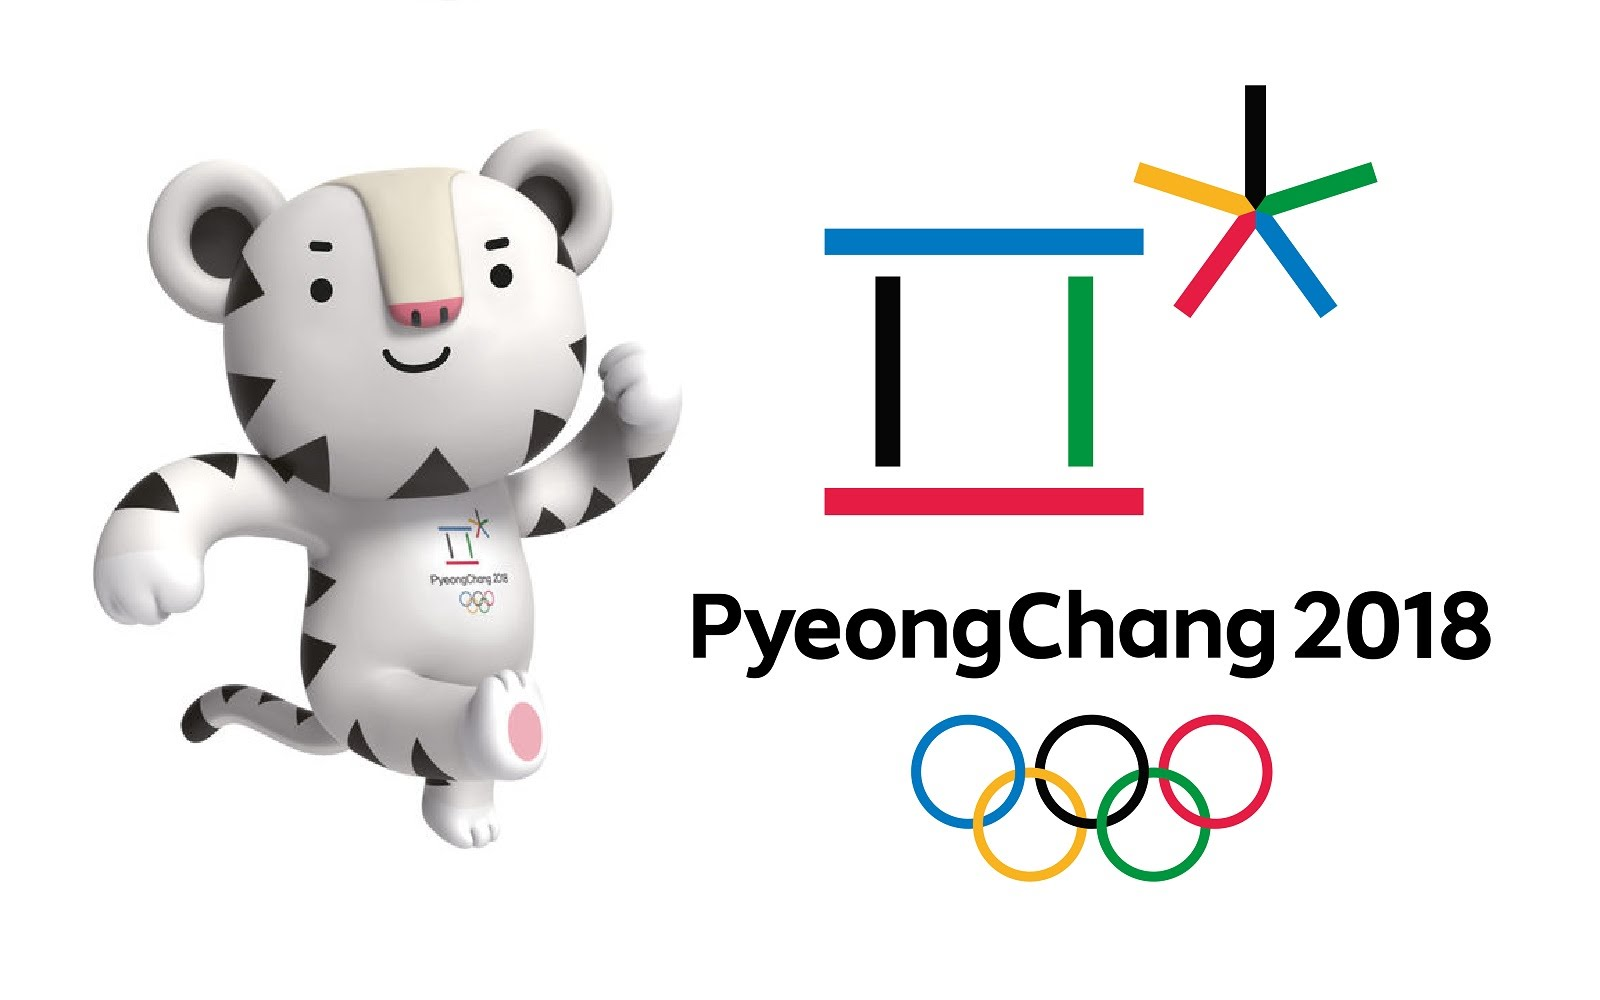 zimni olympiada pchjongcchang korea 2018